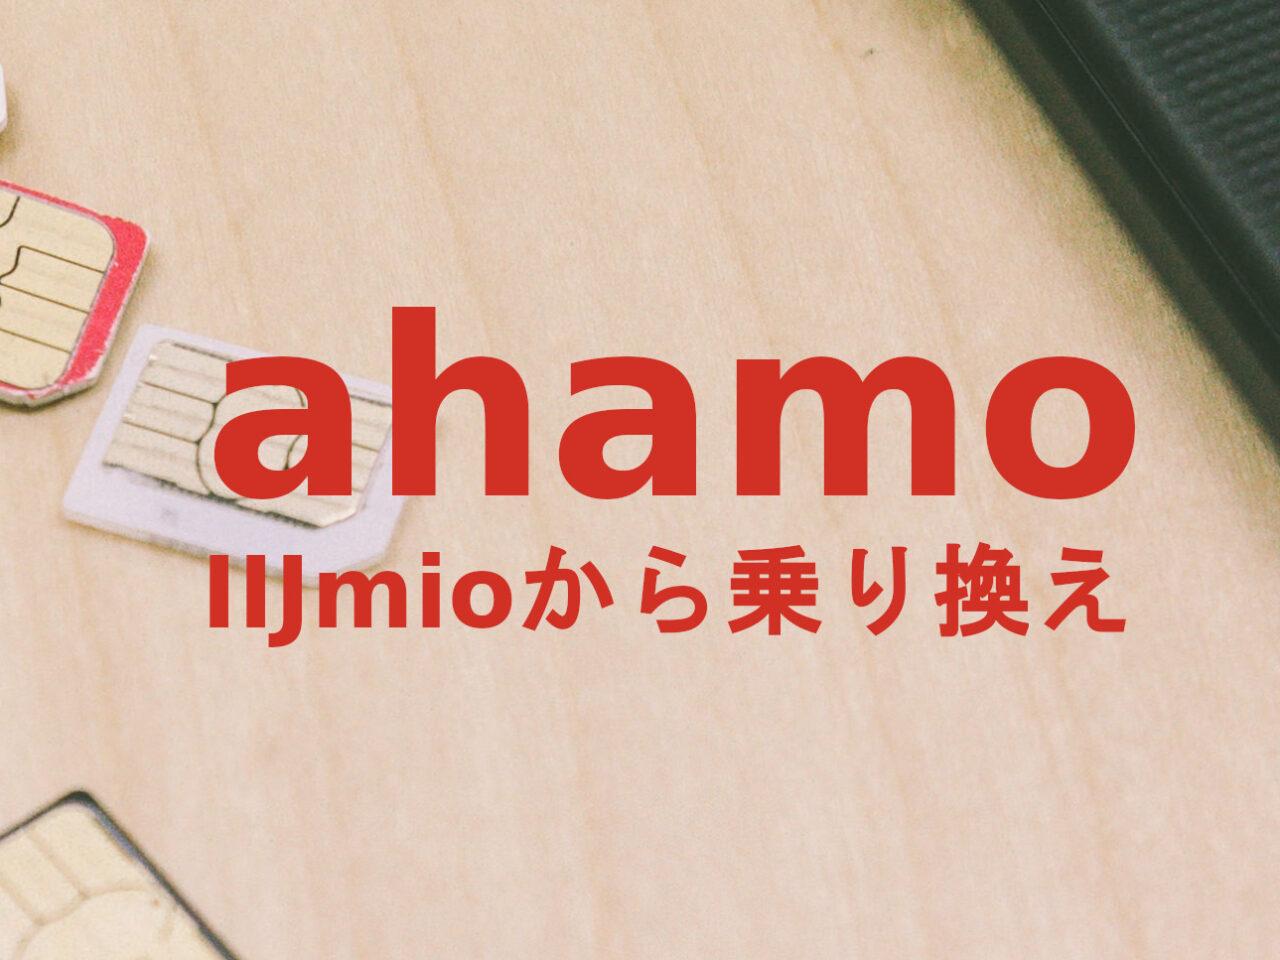 IIJmioからahamo(アハモ)への乗り換えはおすすめ?やり方は?のサムネイル画像